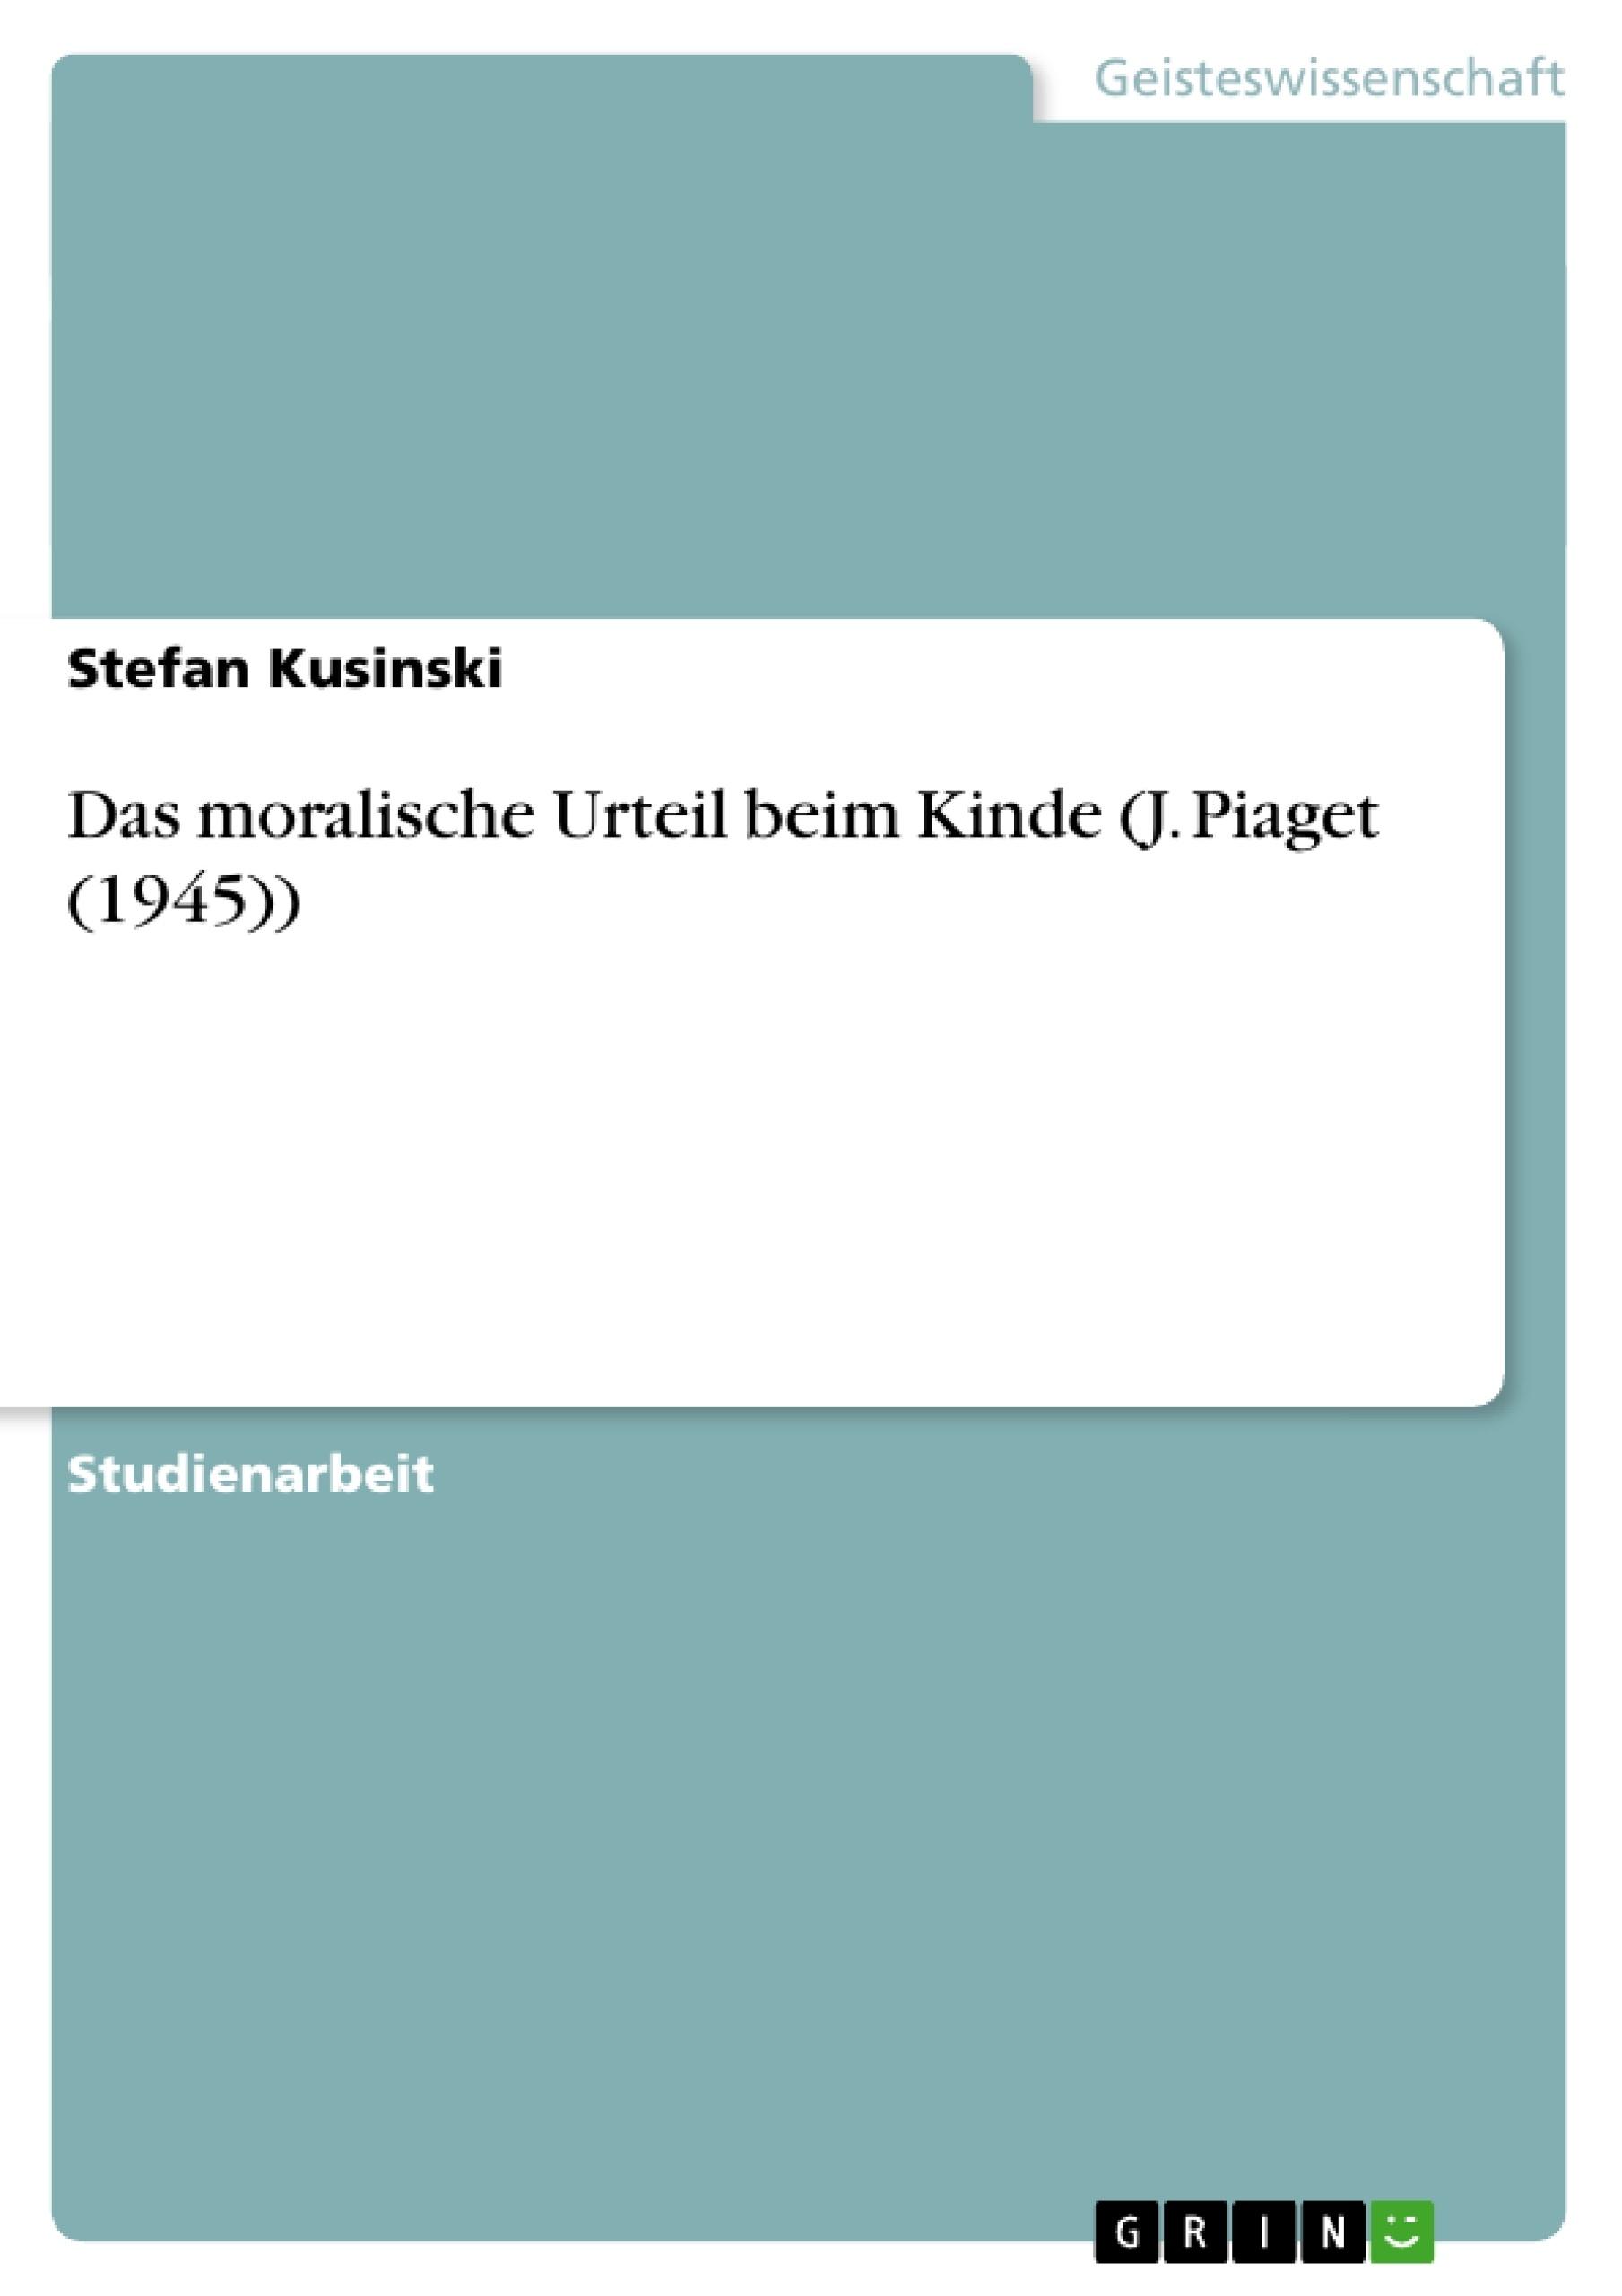 Titel: Das moralische Urteil beim Kinde (J. Piaget (1945))